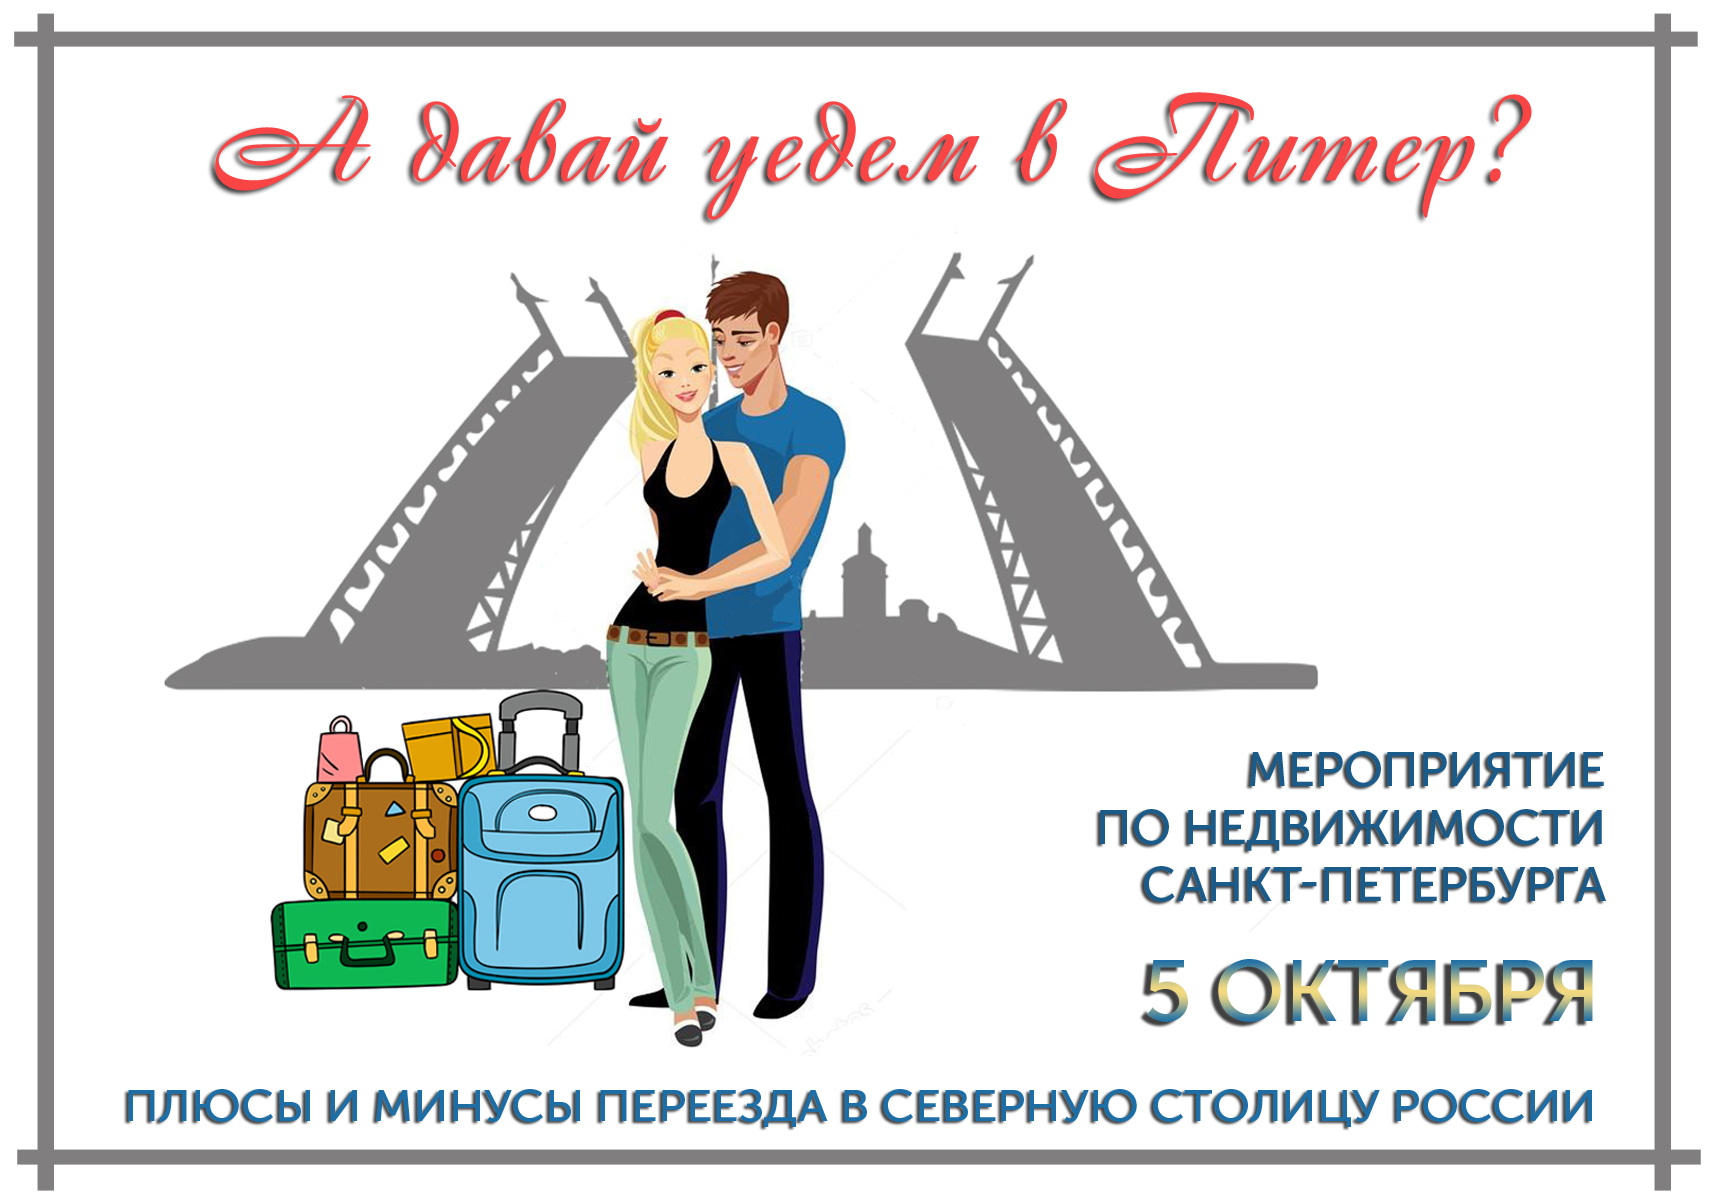 maket-meropriyatiya-mahnem-v-piter-4